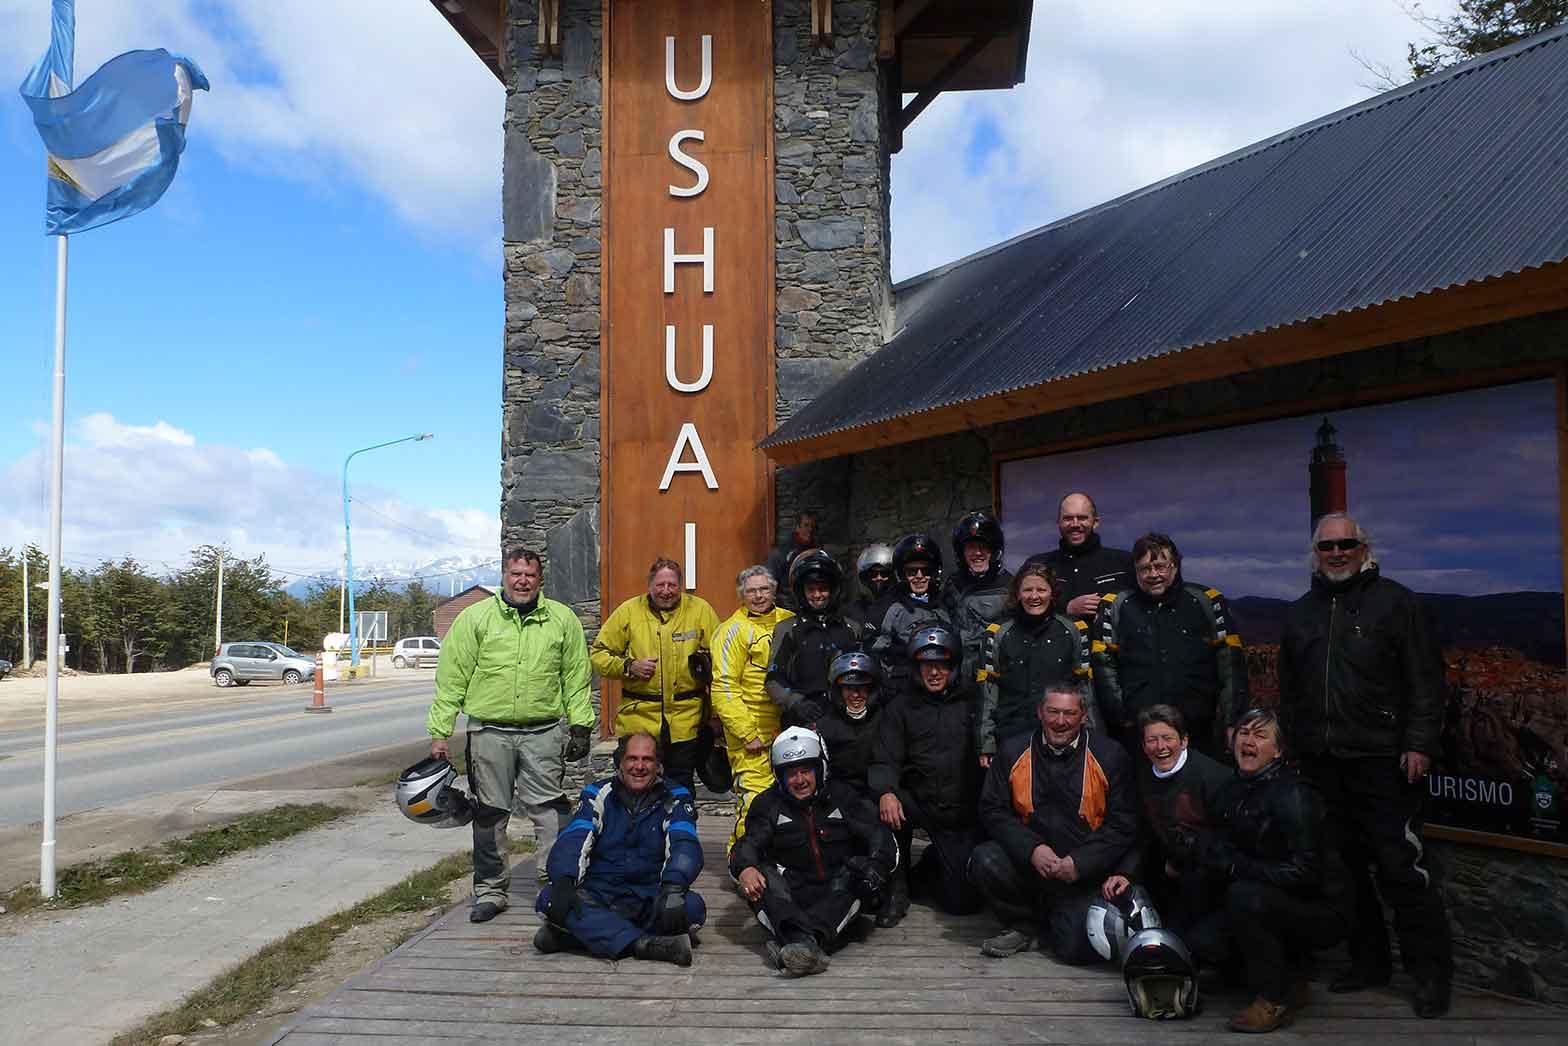 Reaching Ushuaia